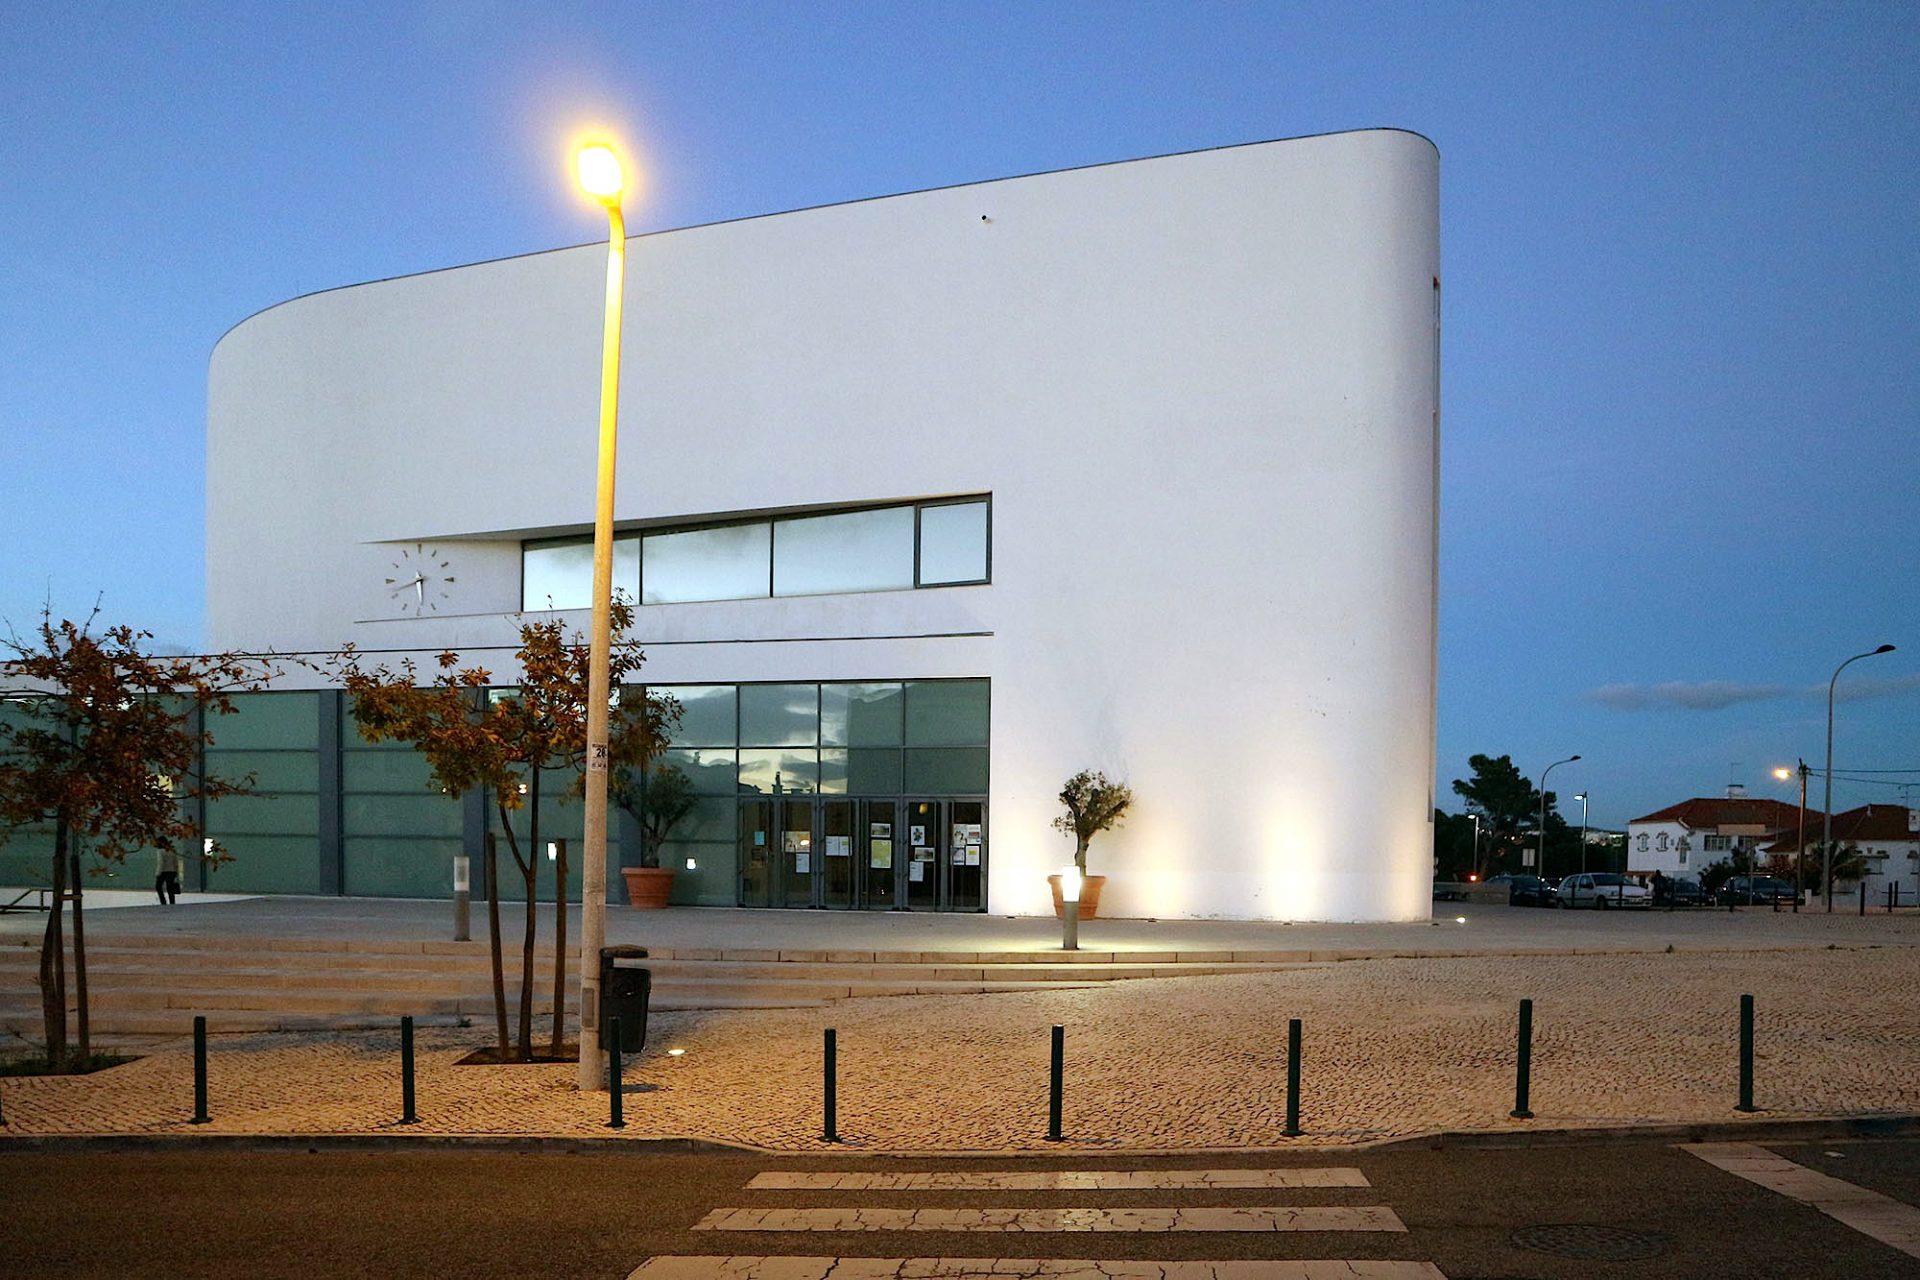 """Kirche Senhora da Boa Nova. Diesen Teil von Estoril bezeichnen die Anwohner als """"O Bairro do Fim do Mundo"""": das """"Viertel des Endes der Welt"""", ein lange Zeit vernachlässigtes Viertel mit mehrstöckigen Wohnblöcken abseits der schönen und touristischen Ecken der Küstenstadt."""